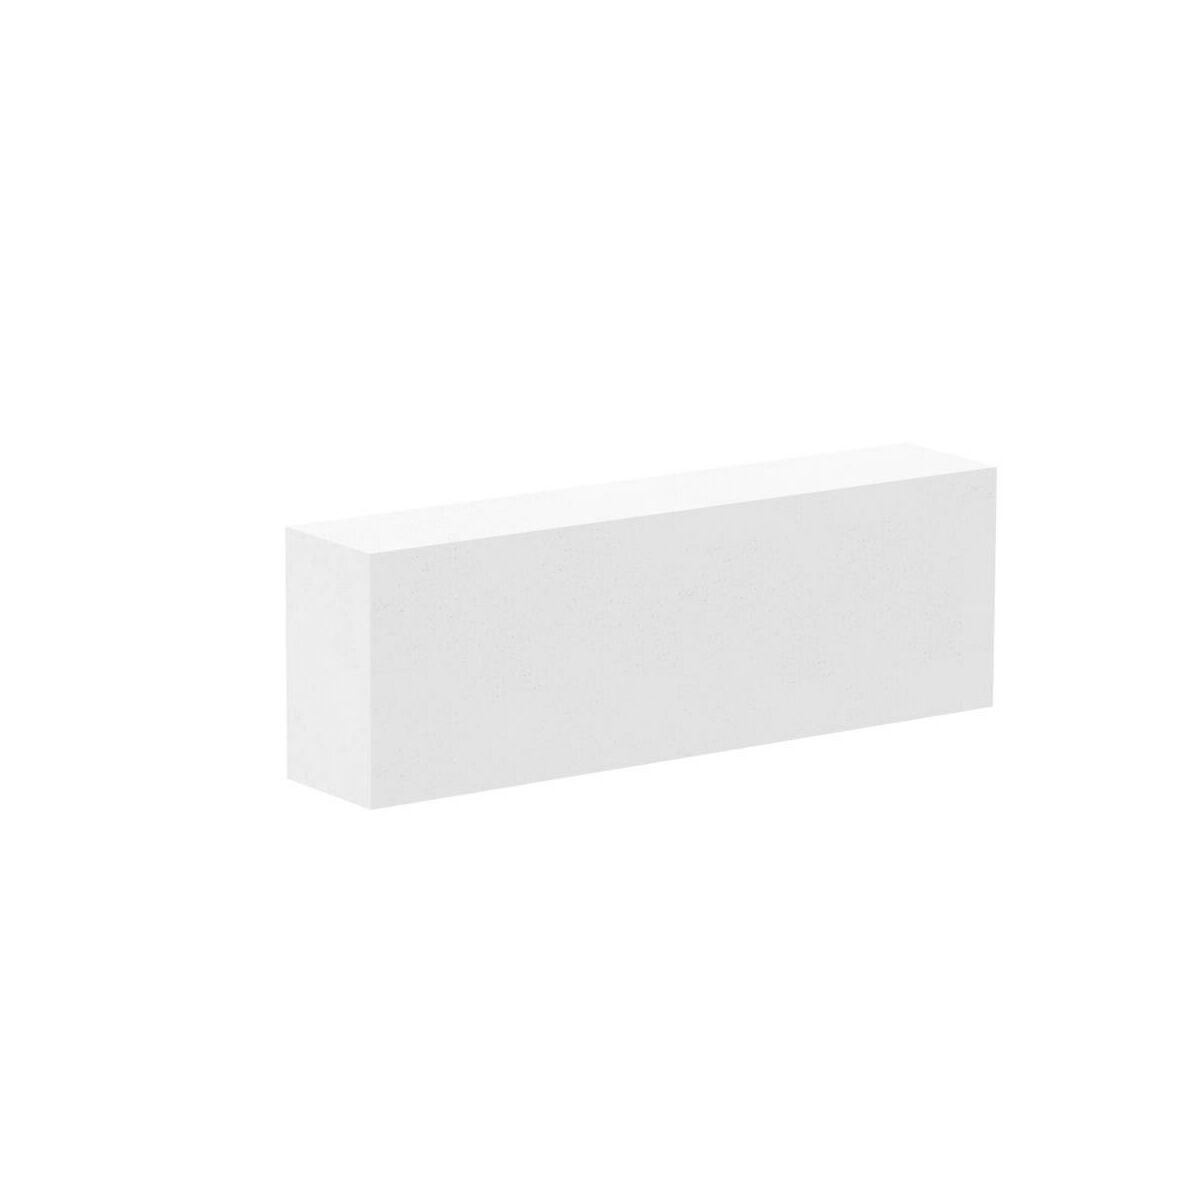 Beton Komorkowy Bialy Termobet 59x12x24 Cm Prefabet Lagisza